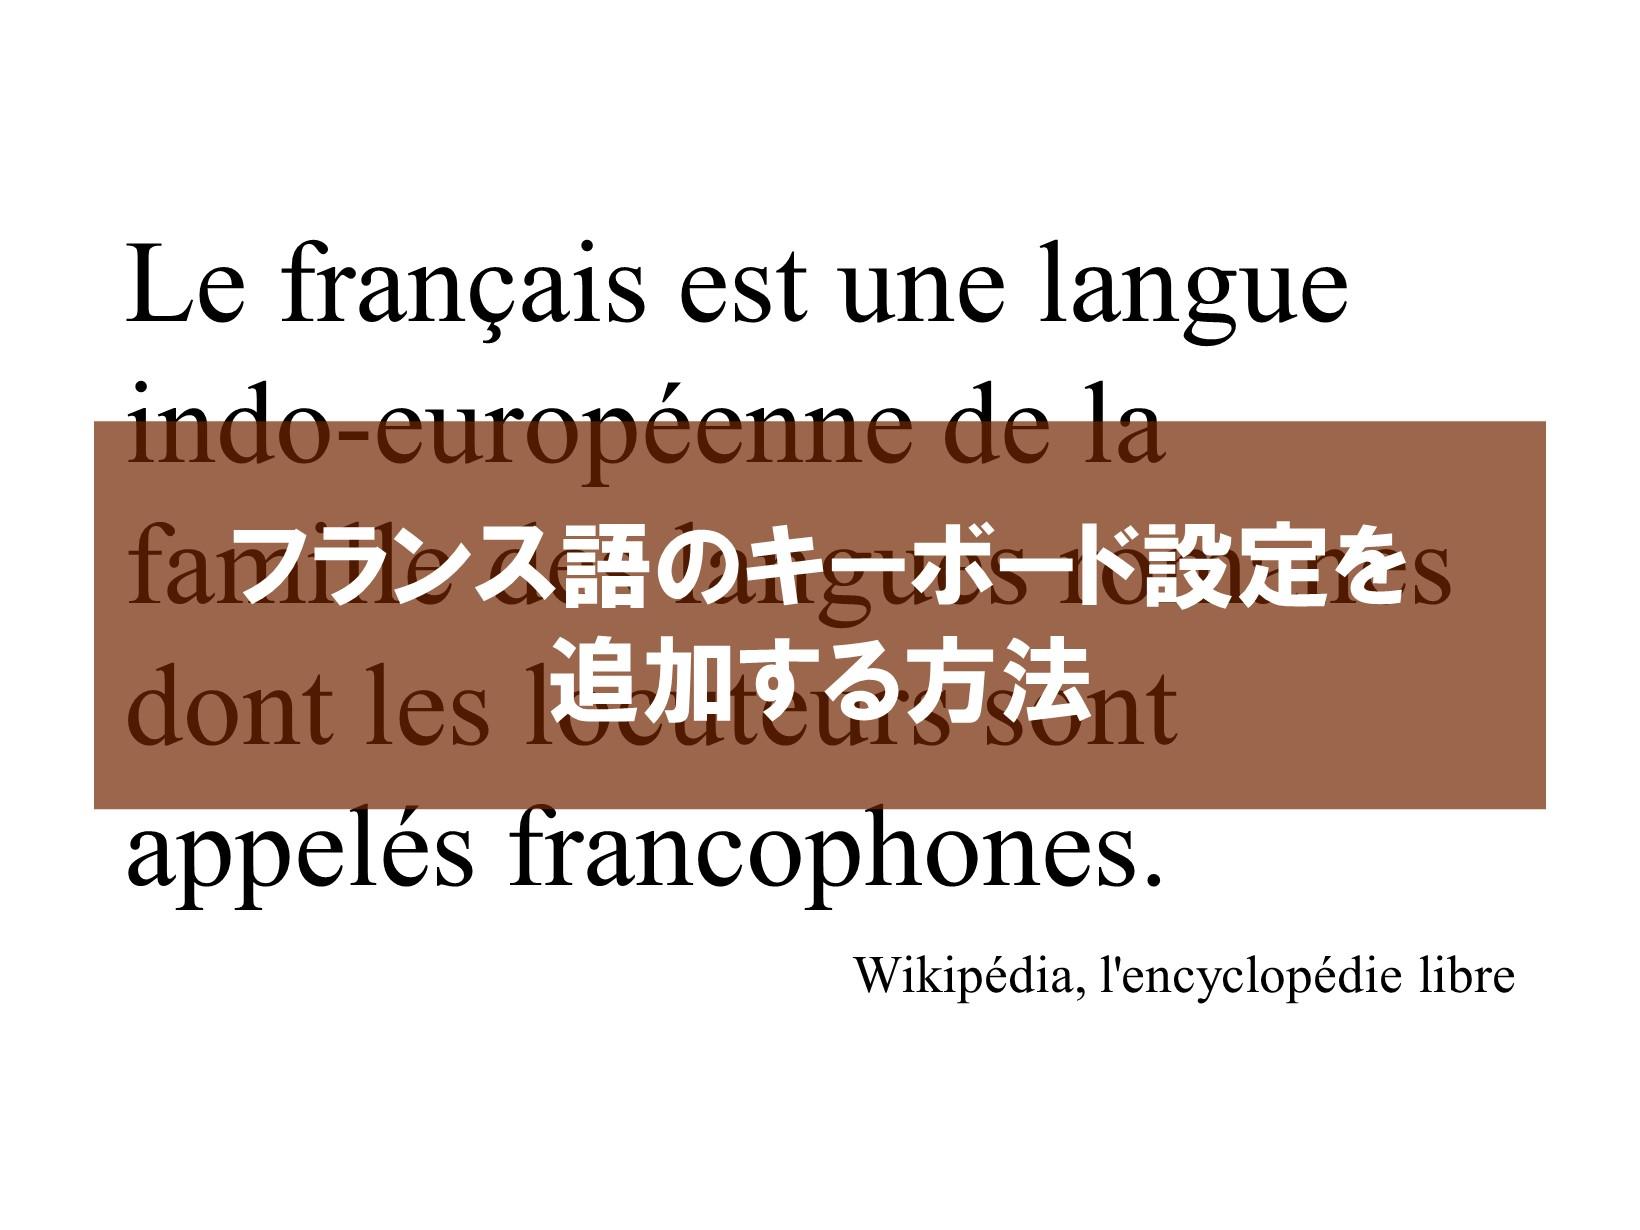 フランス語のキーボード設定を追加する方法